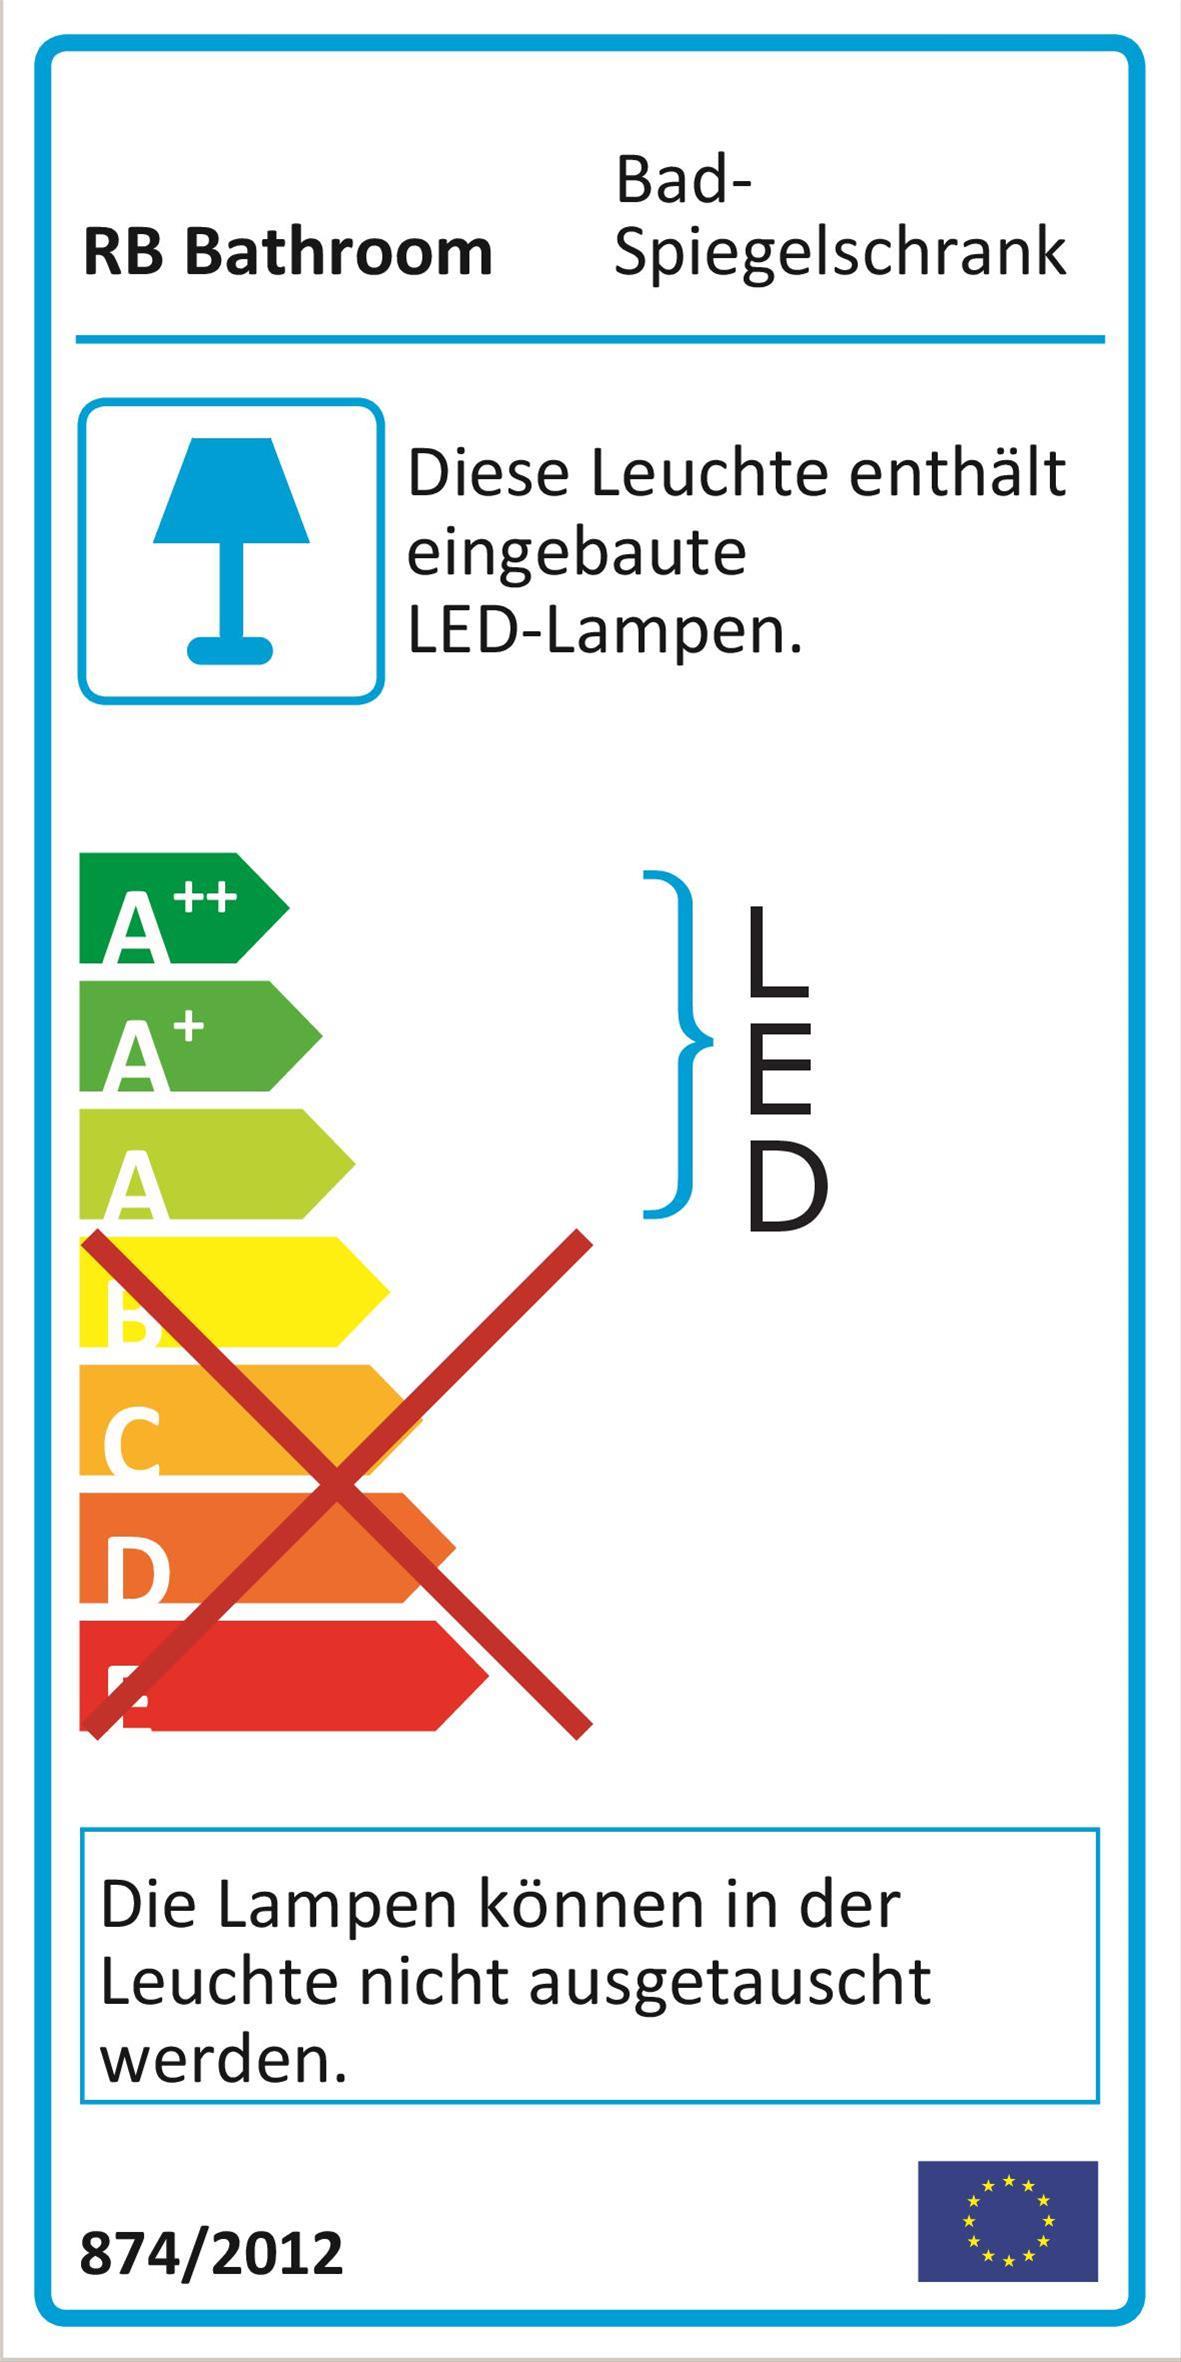 Bad LED Spiegelschrank Scandic 46 Weiß glänzend Bild 4